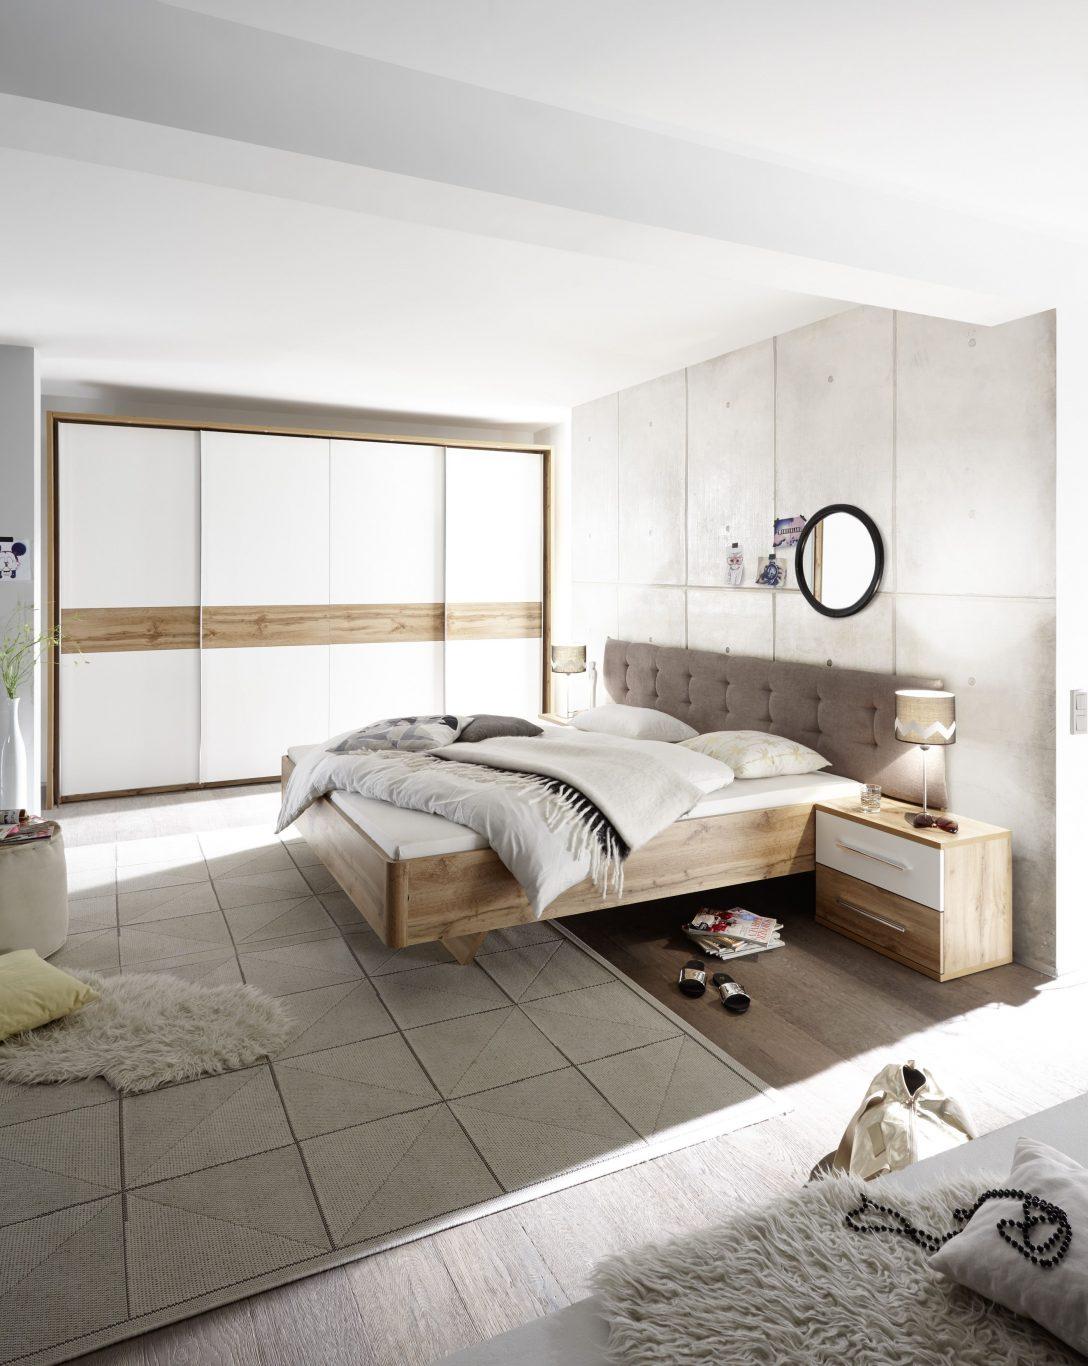 Large Size of Schlafzimmer Komplett Günstig Mbel Gnstig 24 Set 5 Tlg Bergamo Bett 180 Led Deckenleuchte Deckenlampe Kommode 180x200 Günstige Regale Mit überbau Schlafzimmer Schlafzimmer Komplett Günstig